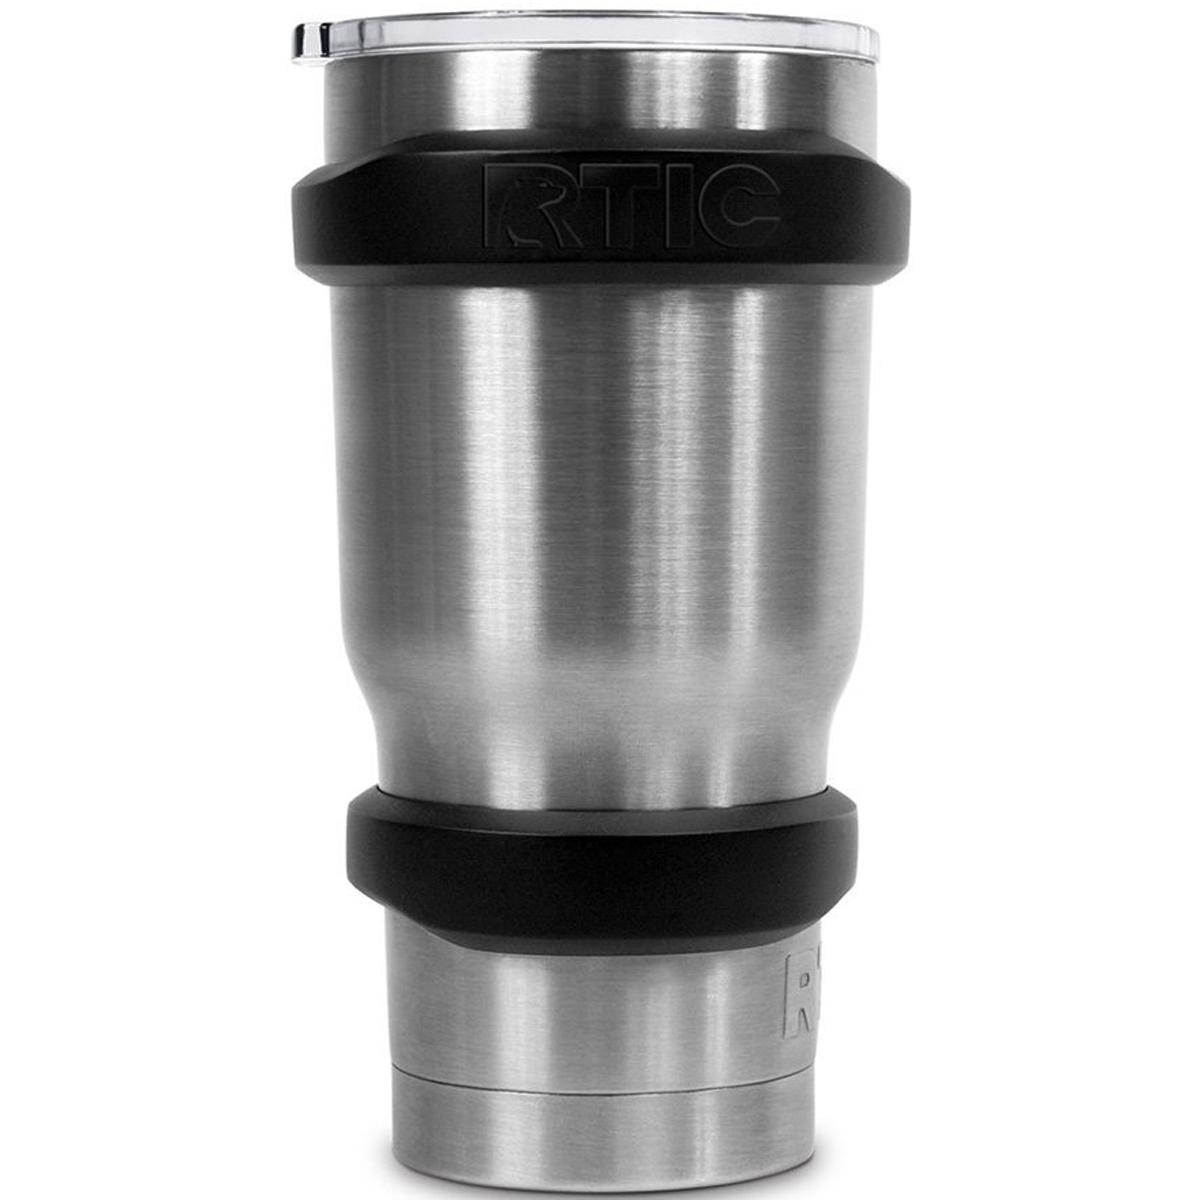 rtic coolers 30 oz tumbler bottle one piece mug handle. Black Bedroom Furniture Sets. Home Design Ideas